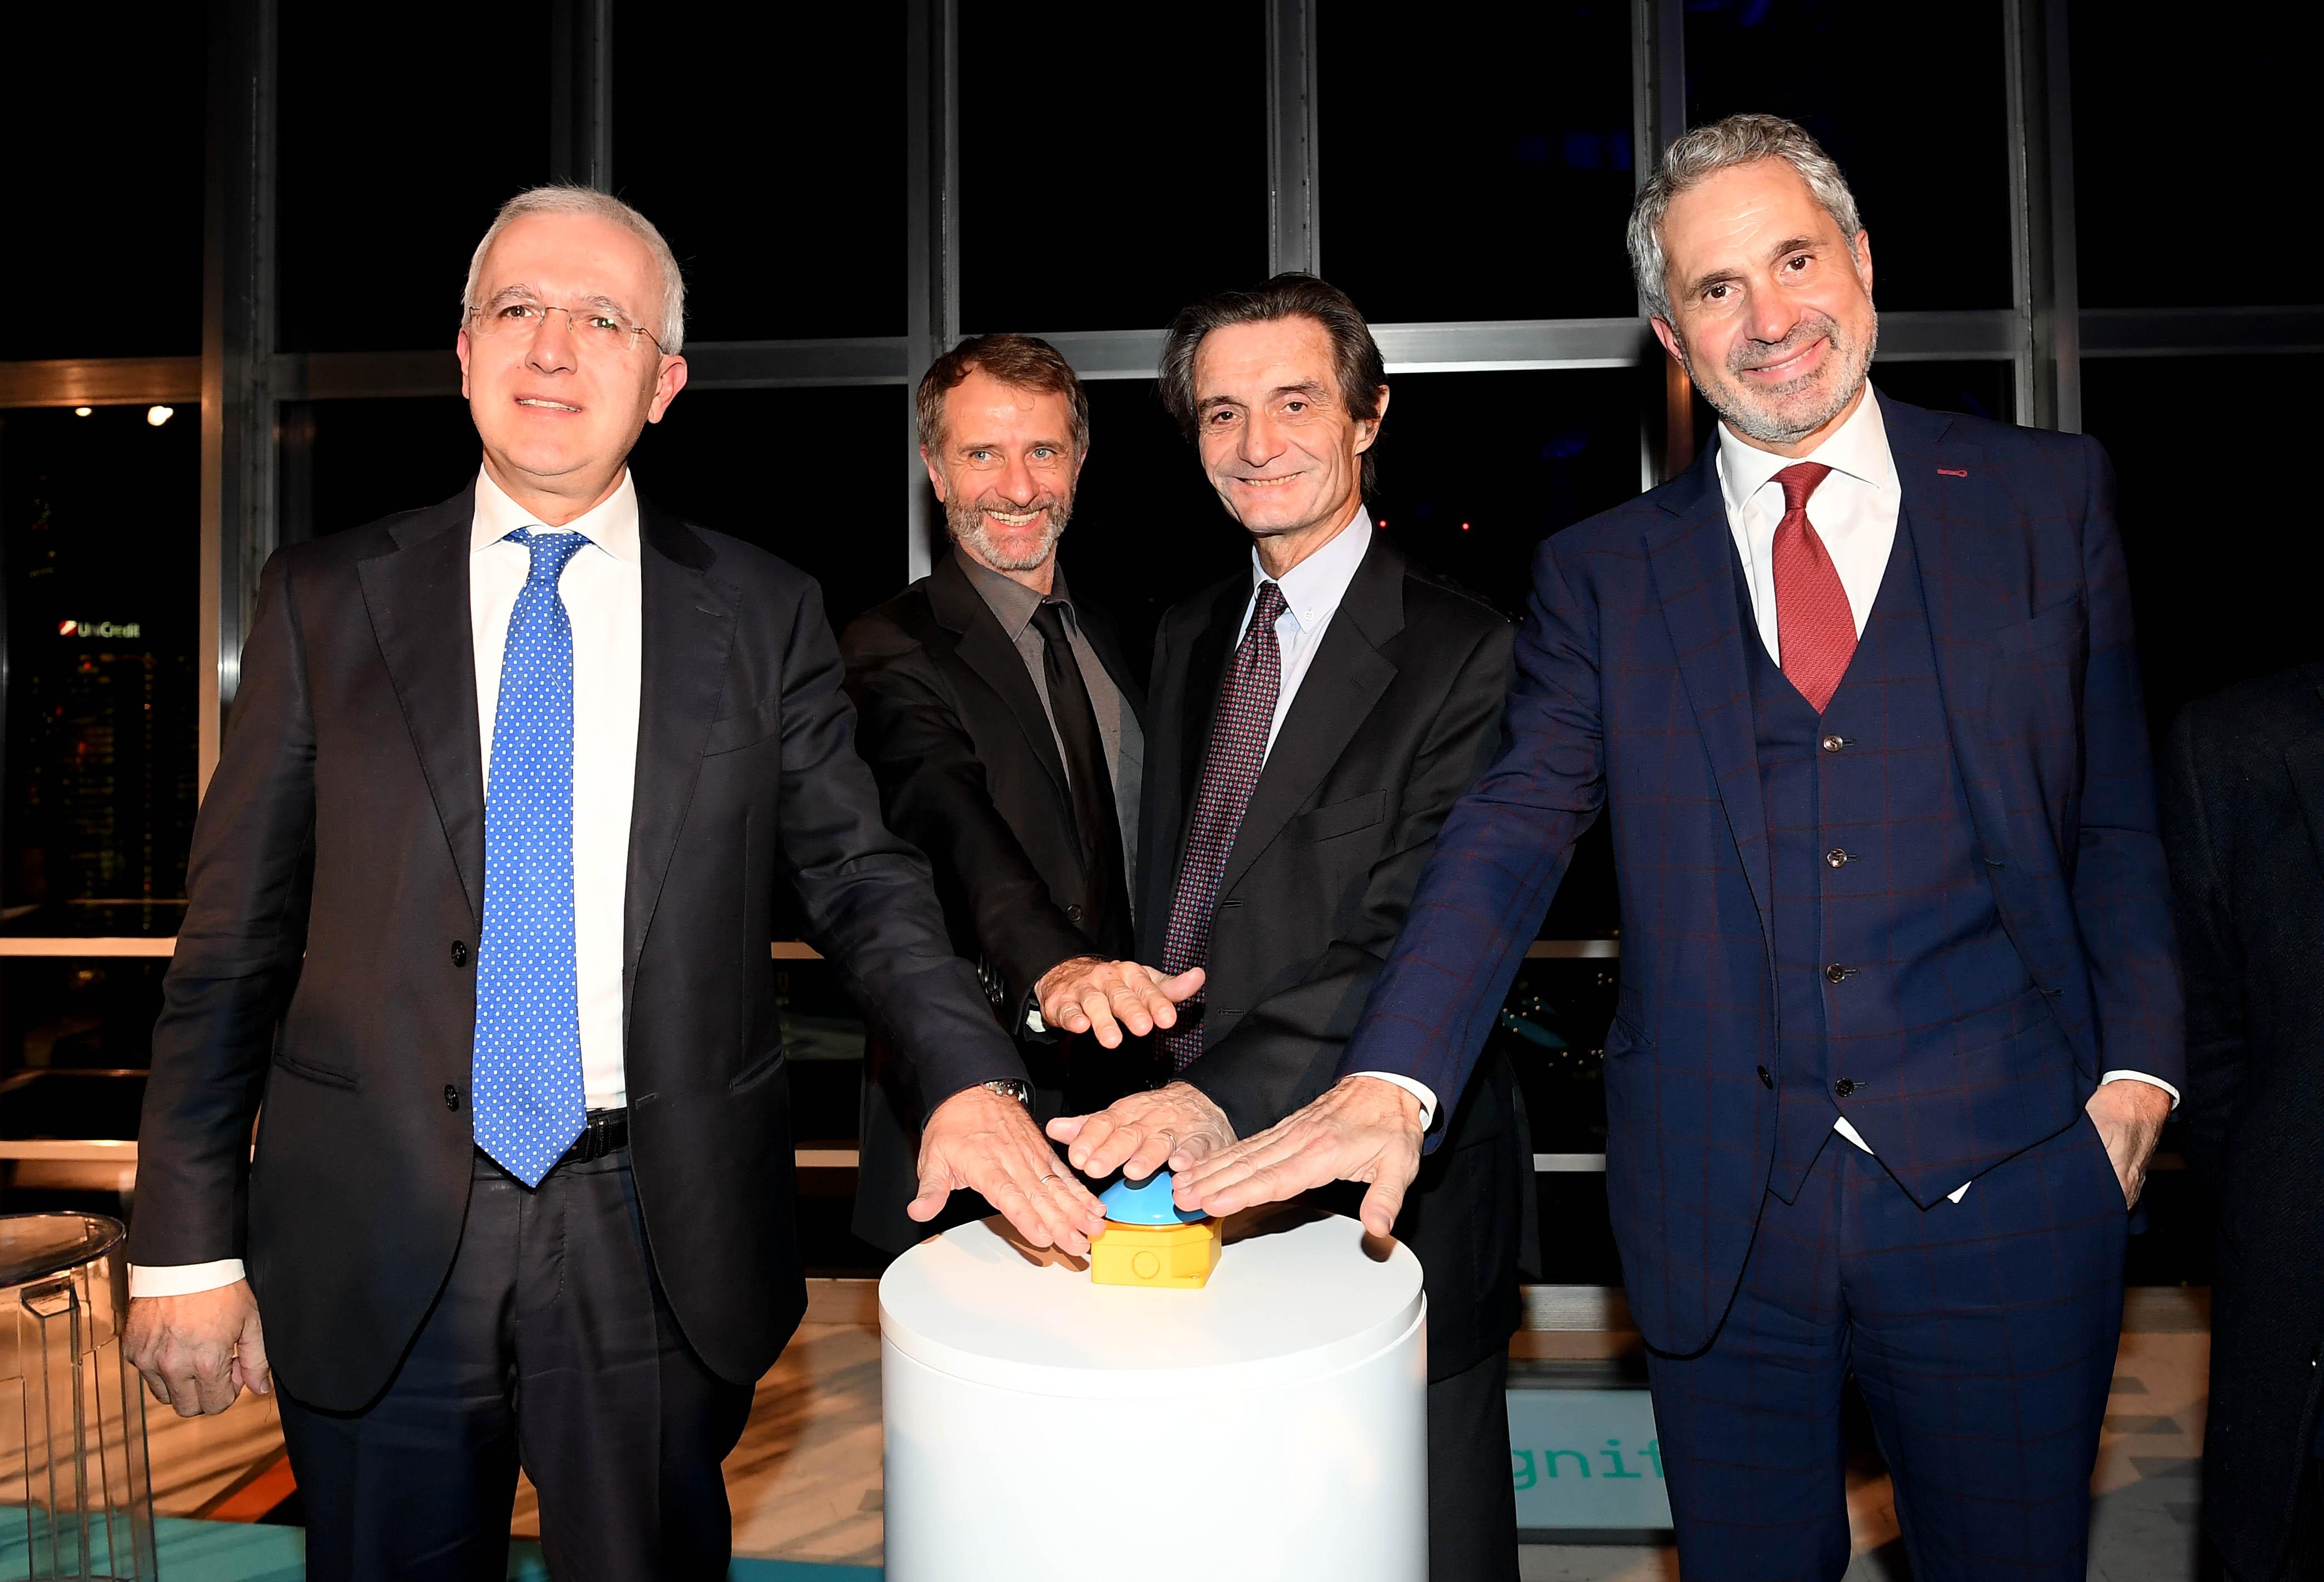 Inaugurato il progetto illuminotecnico di A2A per l'edificio simbolo di Regione Lombardia